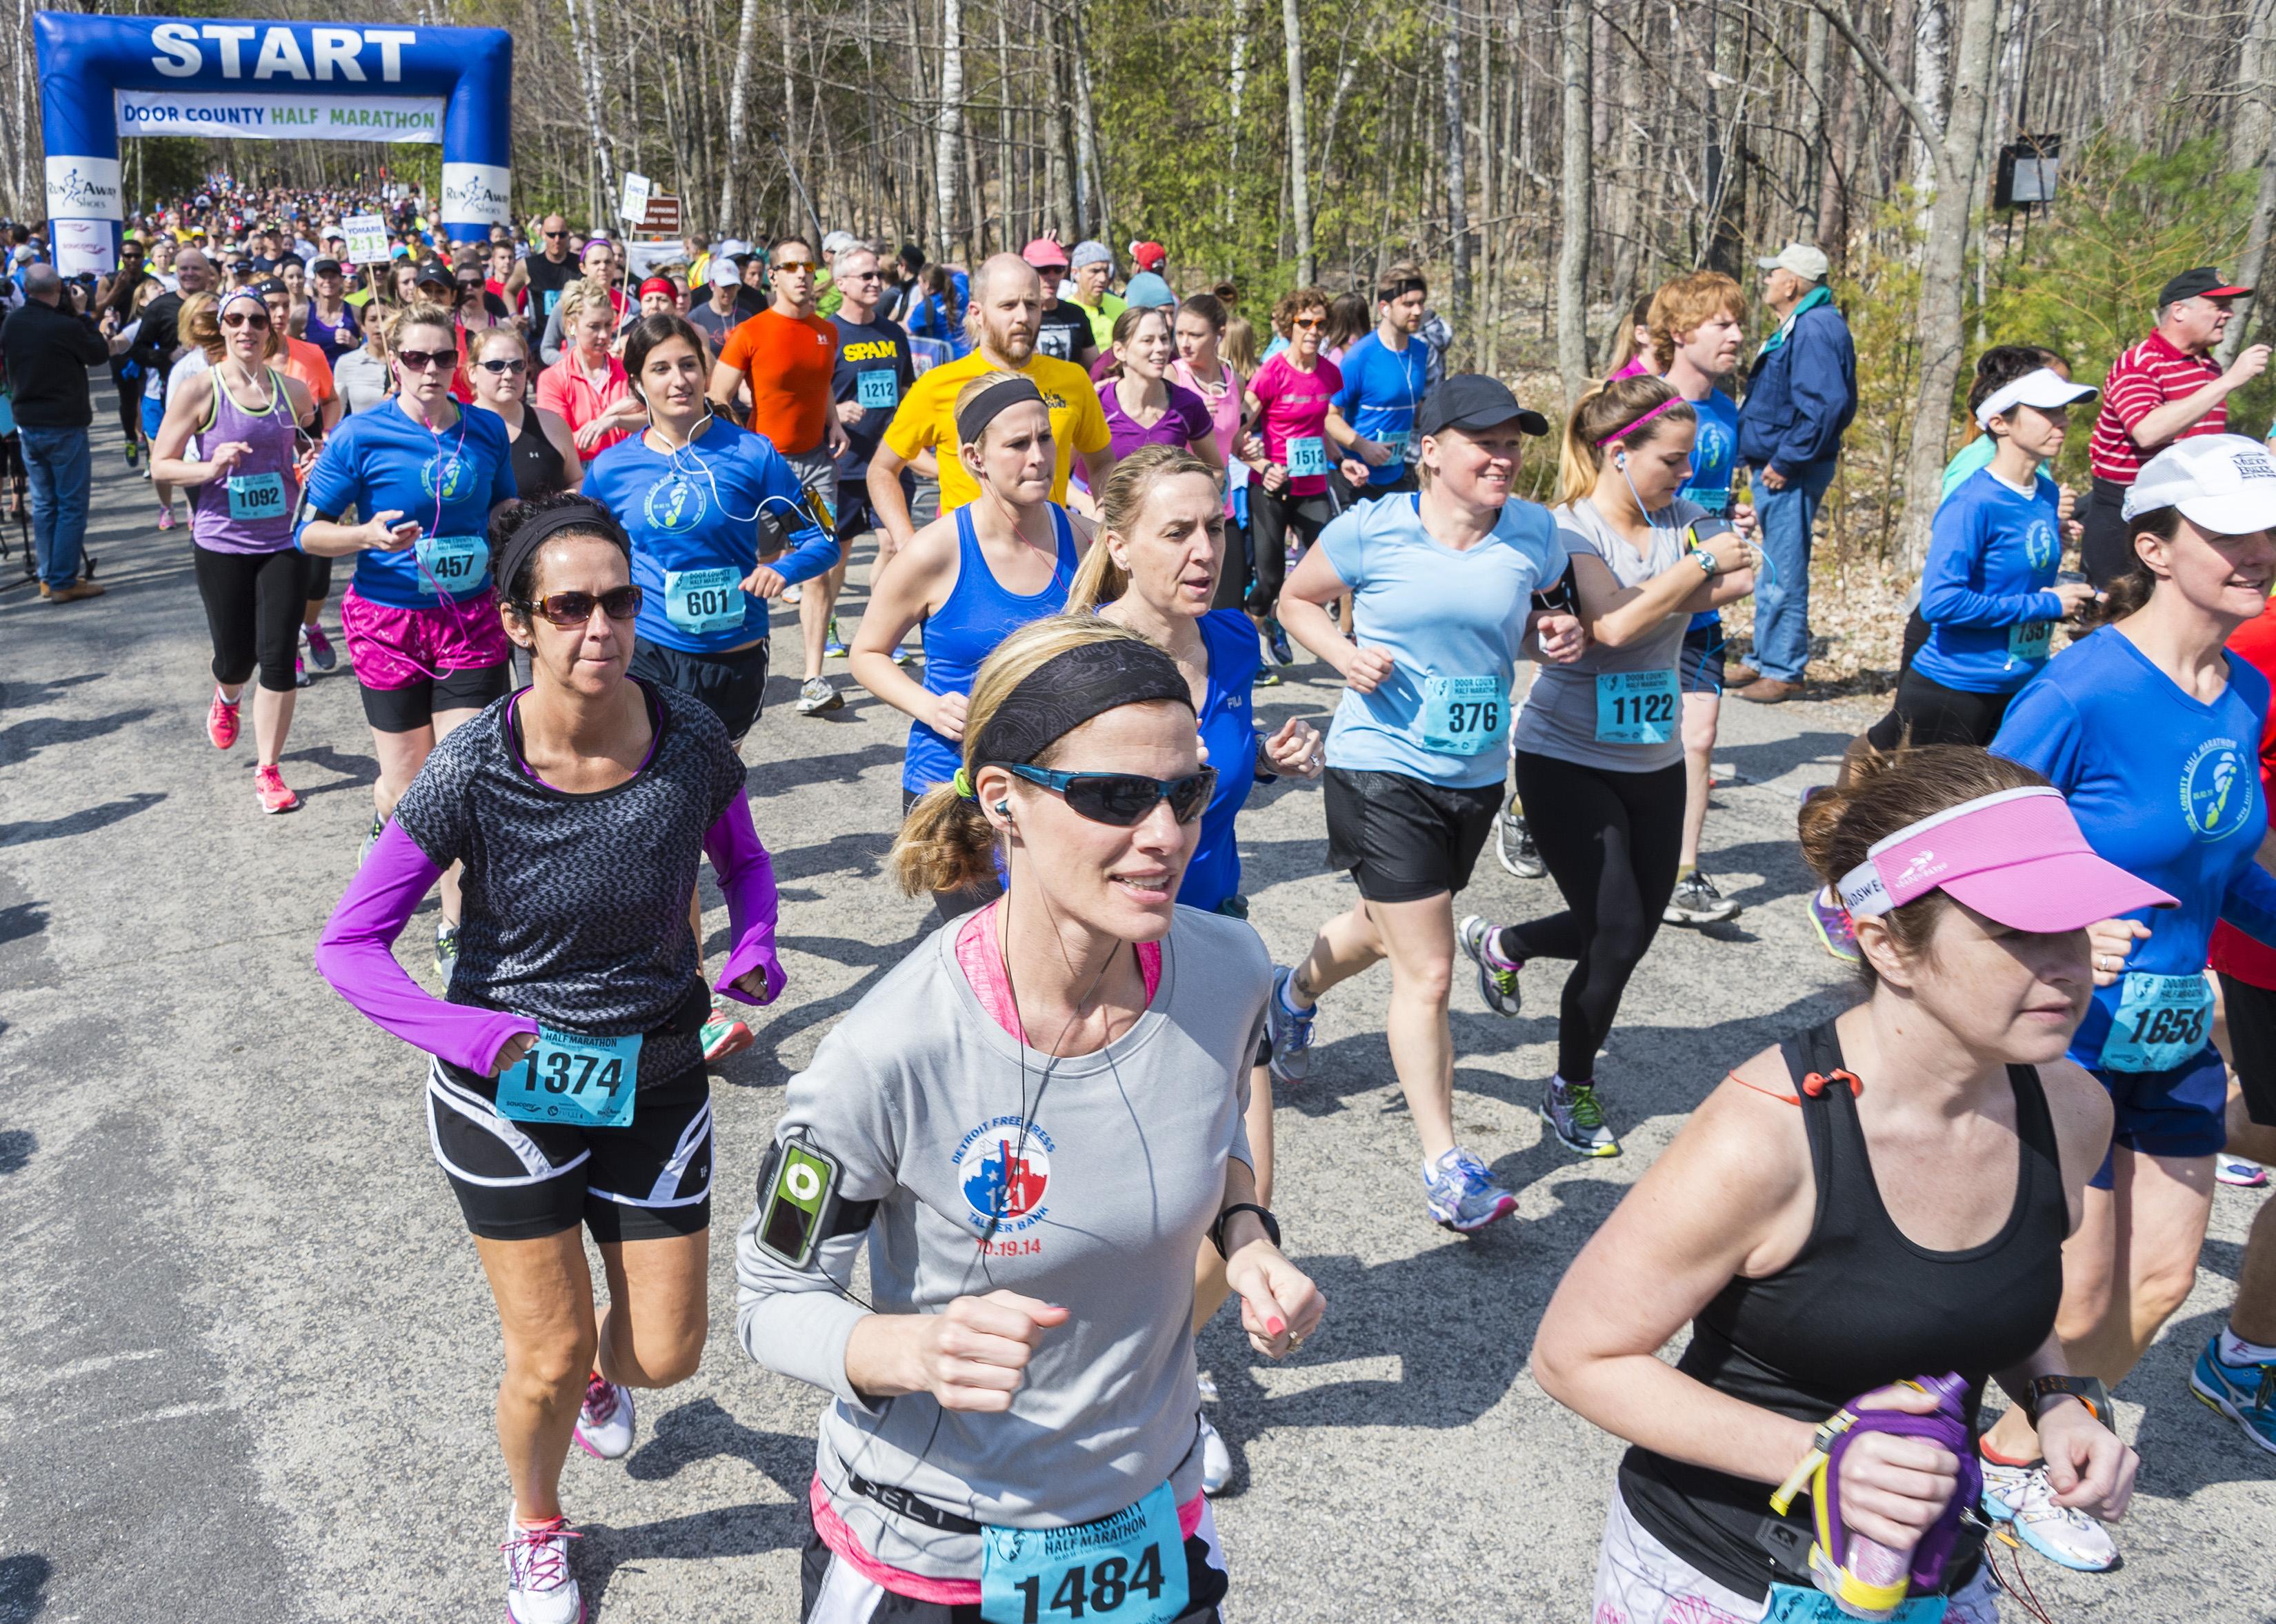 essay about running a marathon